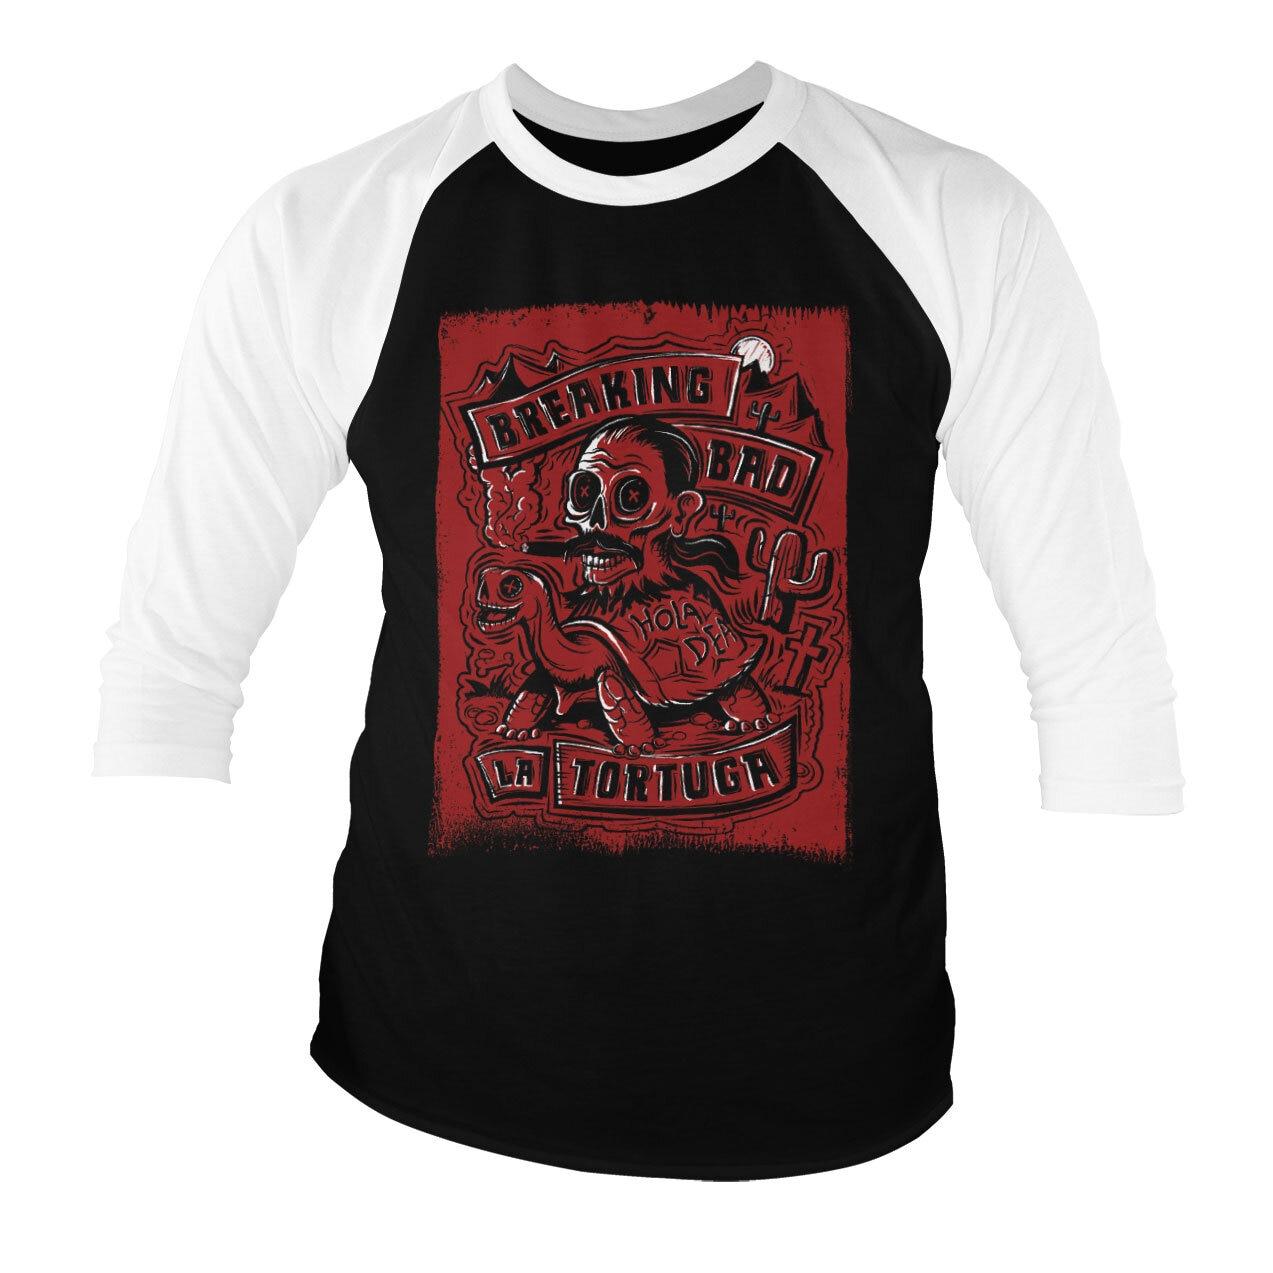 La Tortuga - Hola Death Baseball 3/4 Sleeve Tee